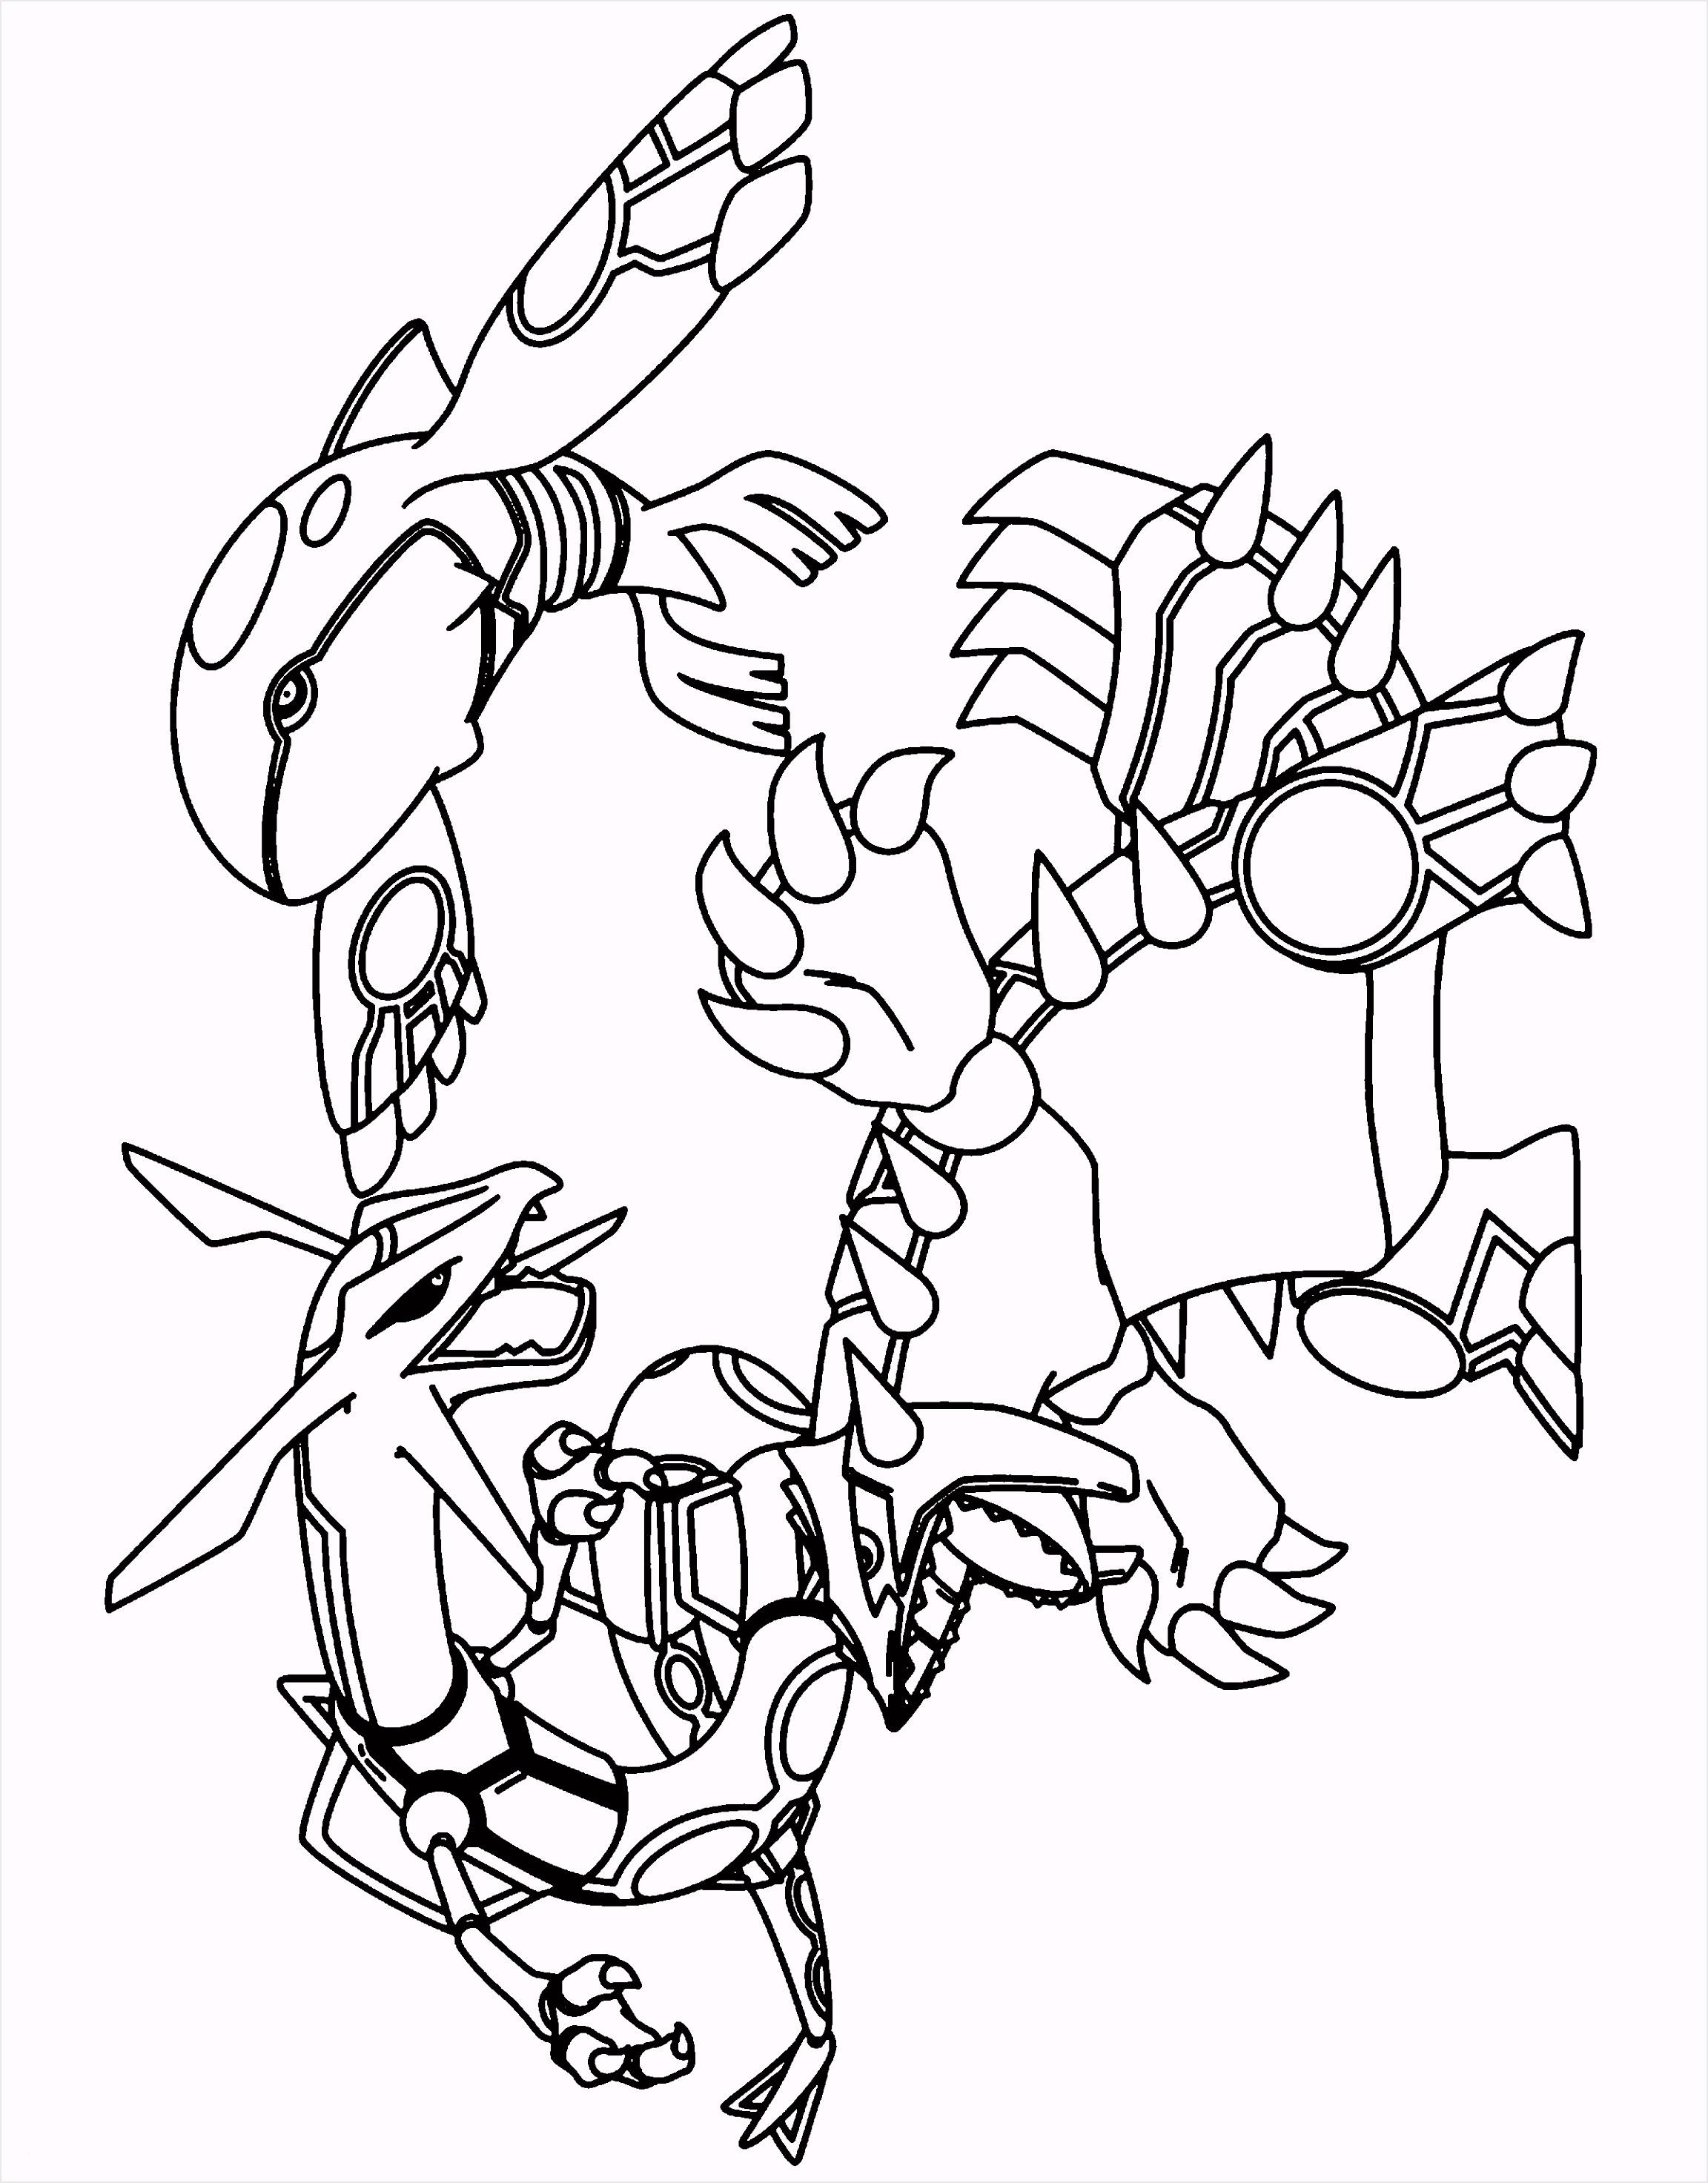 Ausmalbilder Pokemon Ausdrucken Frisch 9 Malvorlagen Pokemon Lucario Malvorlagen234 Unglaublich Das Bild